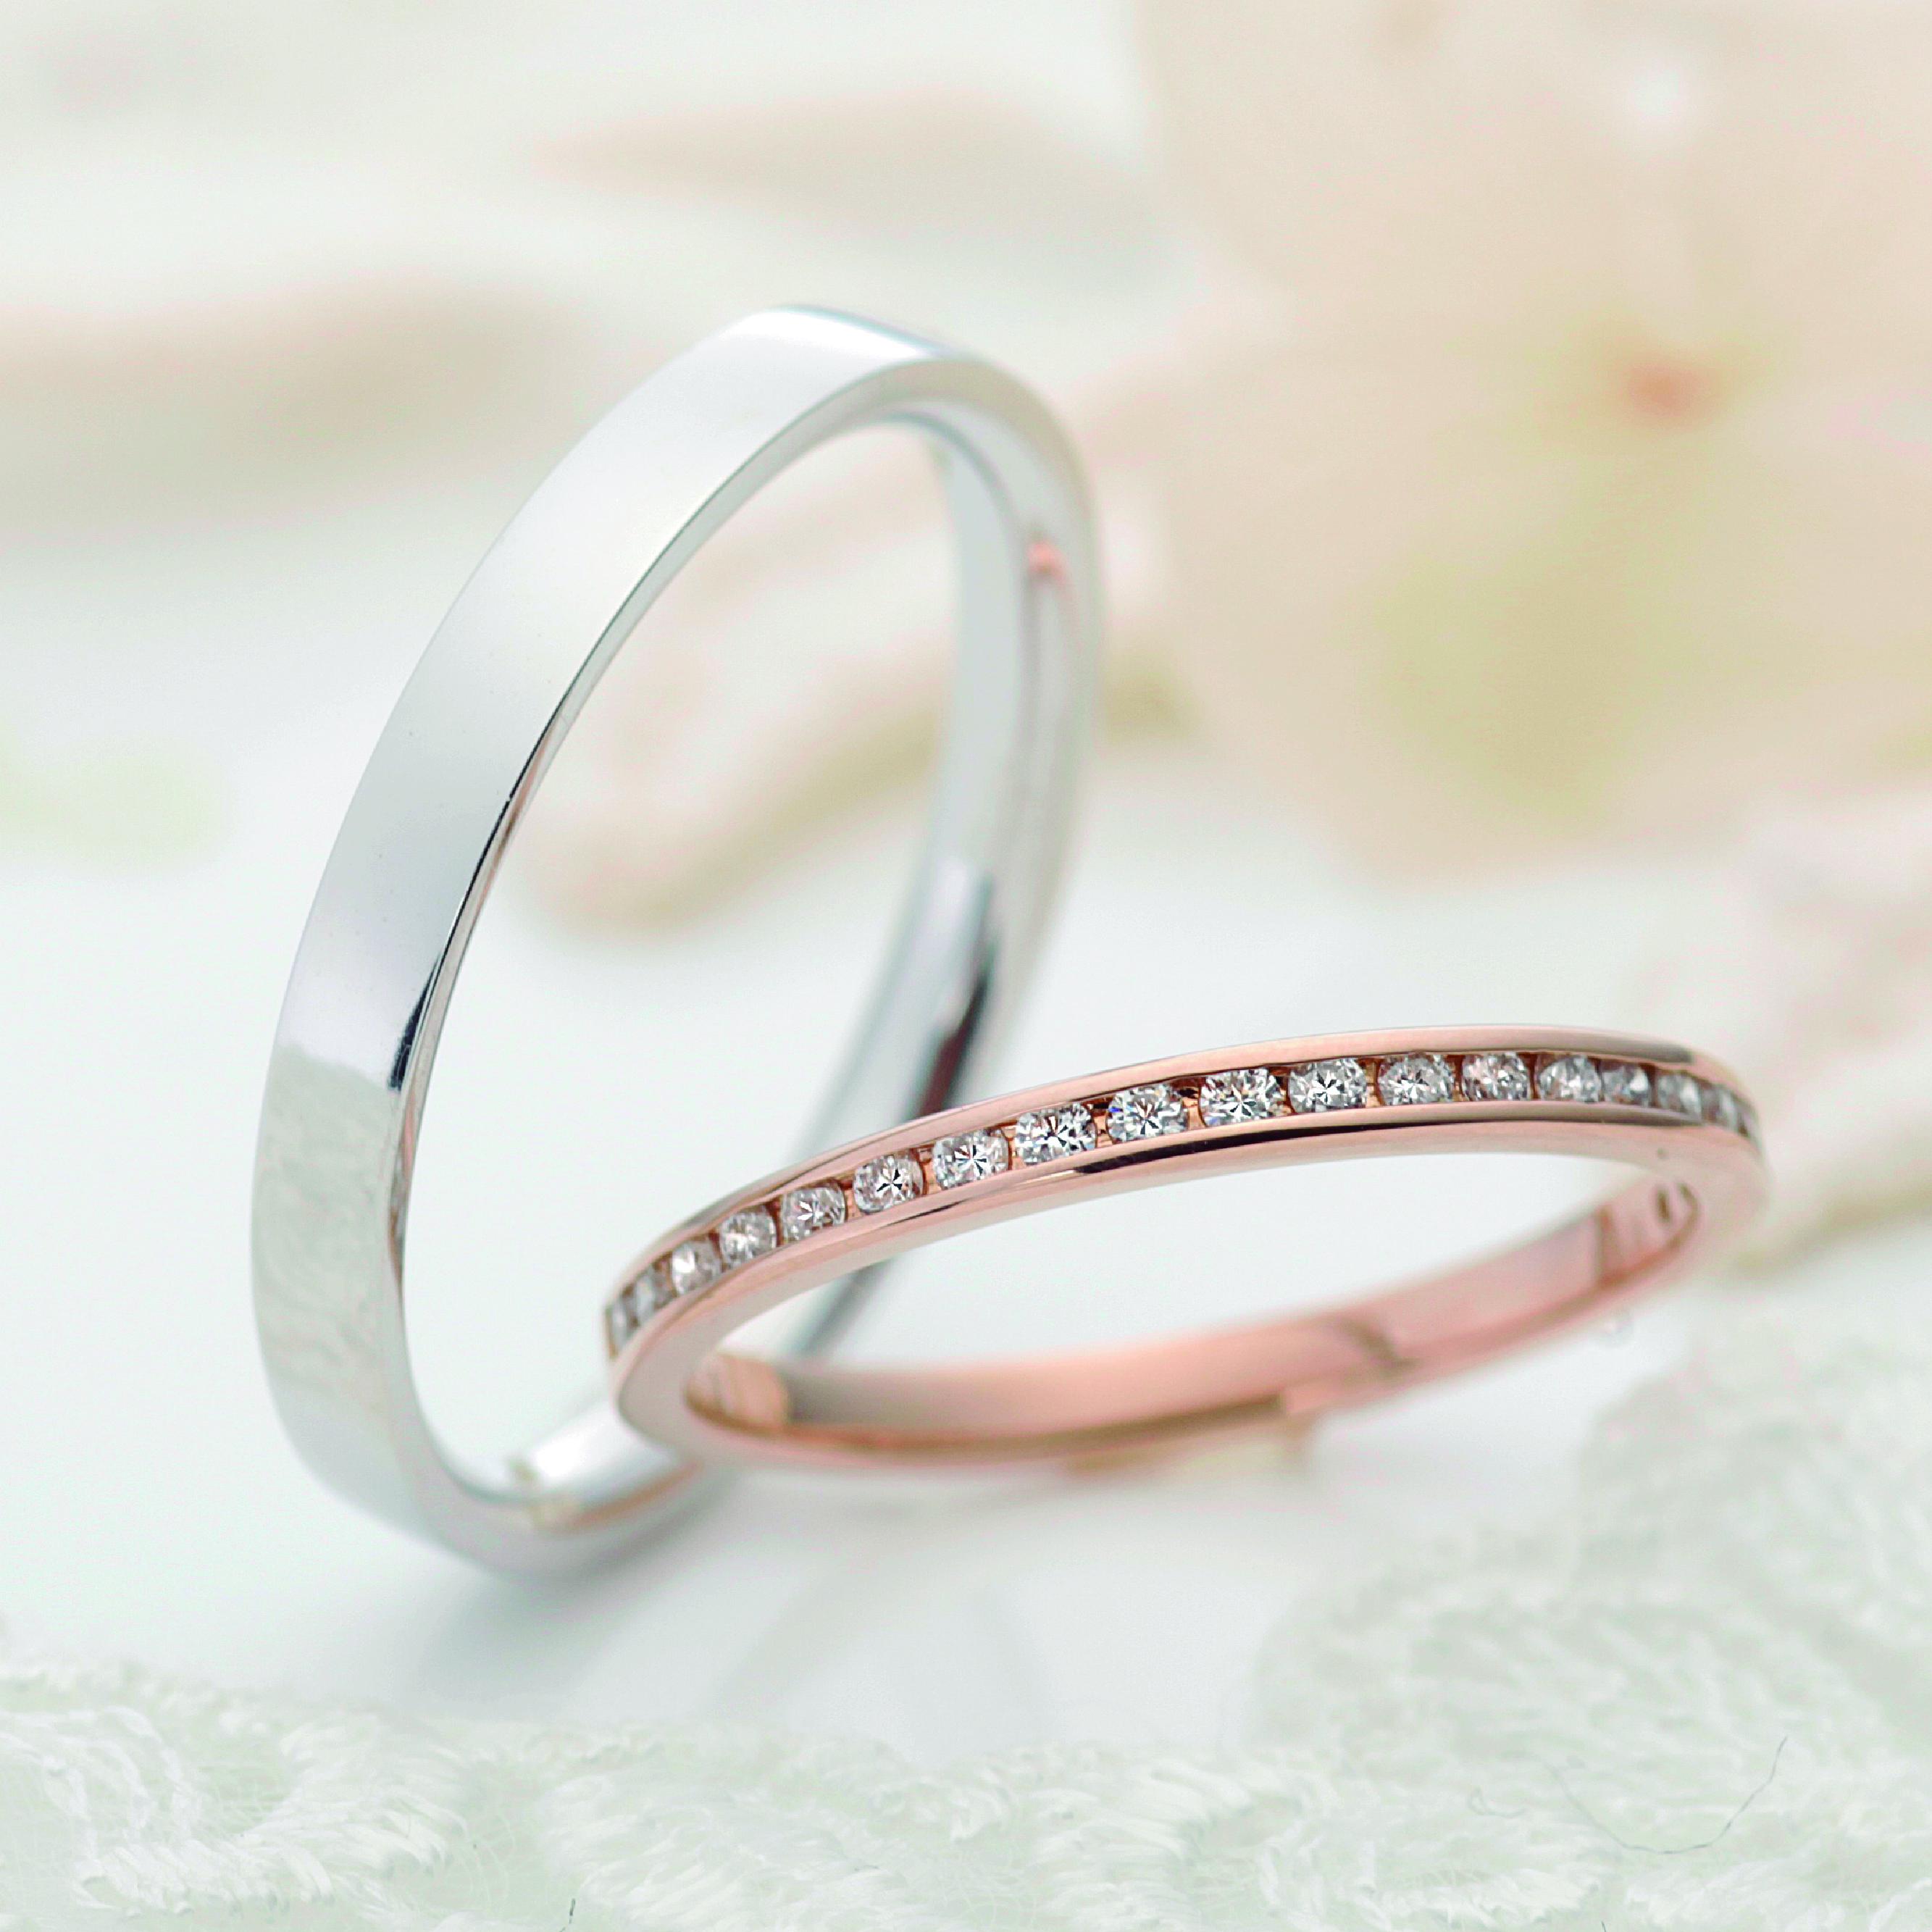 フェミニン,ゴージャス 結婚指輪のメテオール